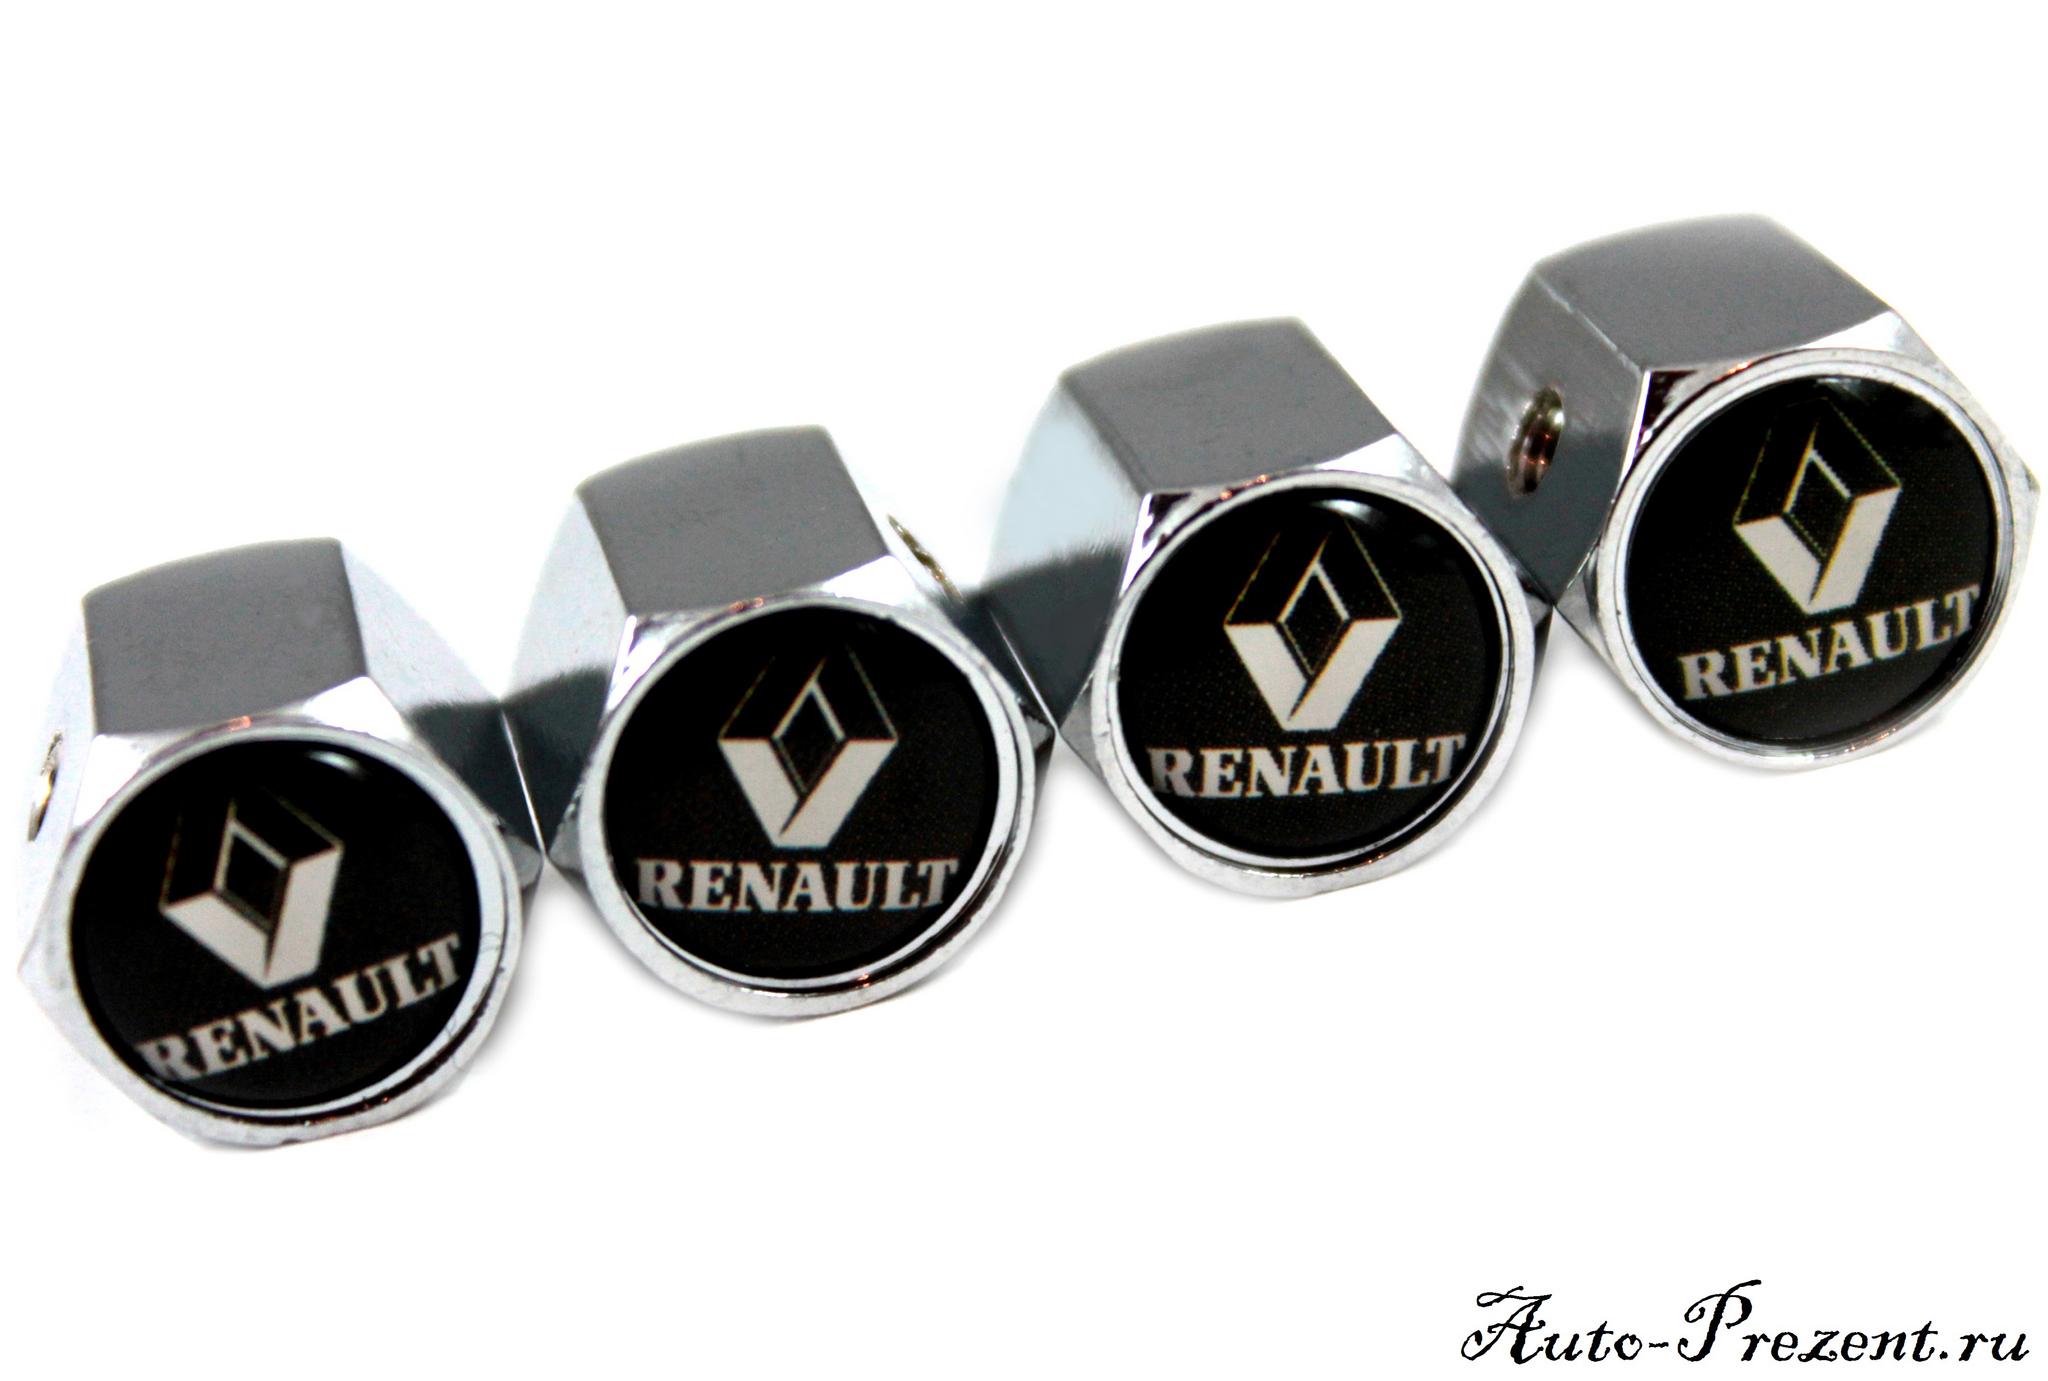 Колпачки на ниппель RENAULT с защитой от кражи